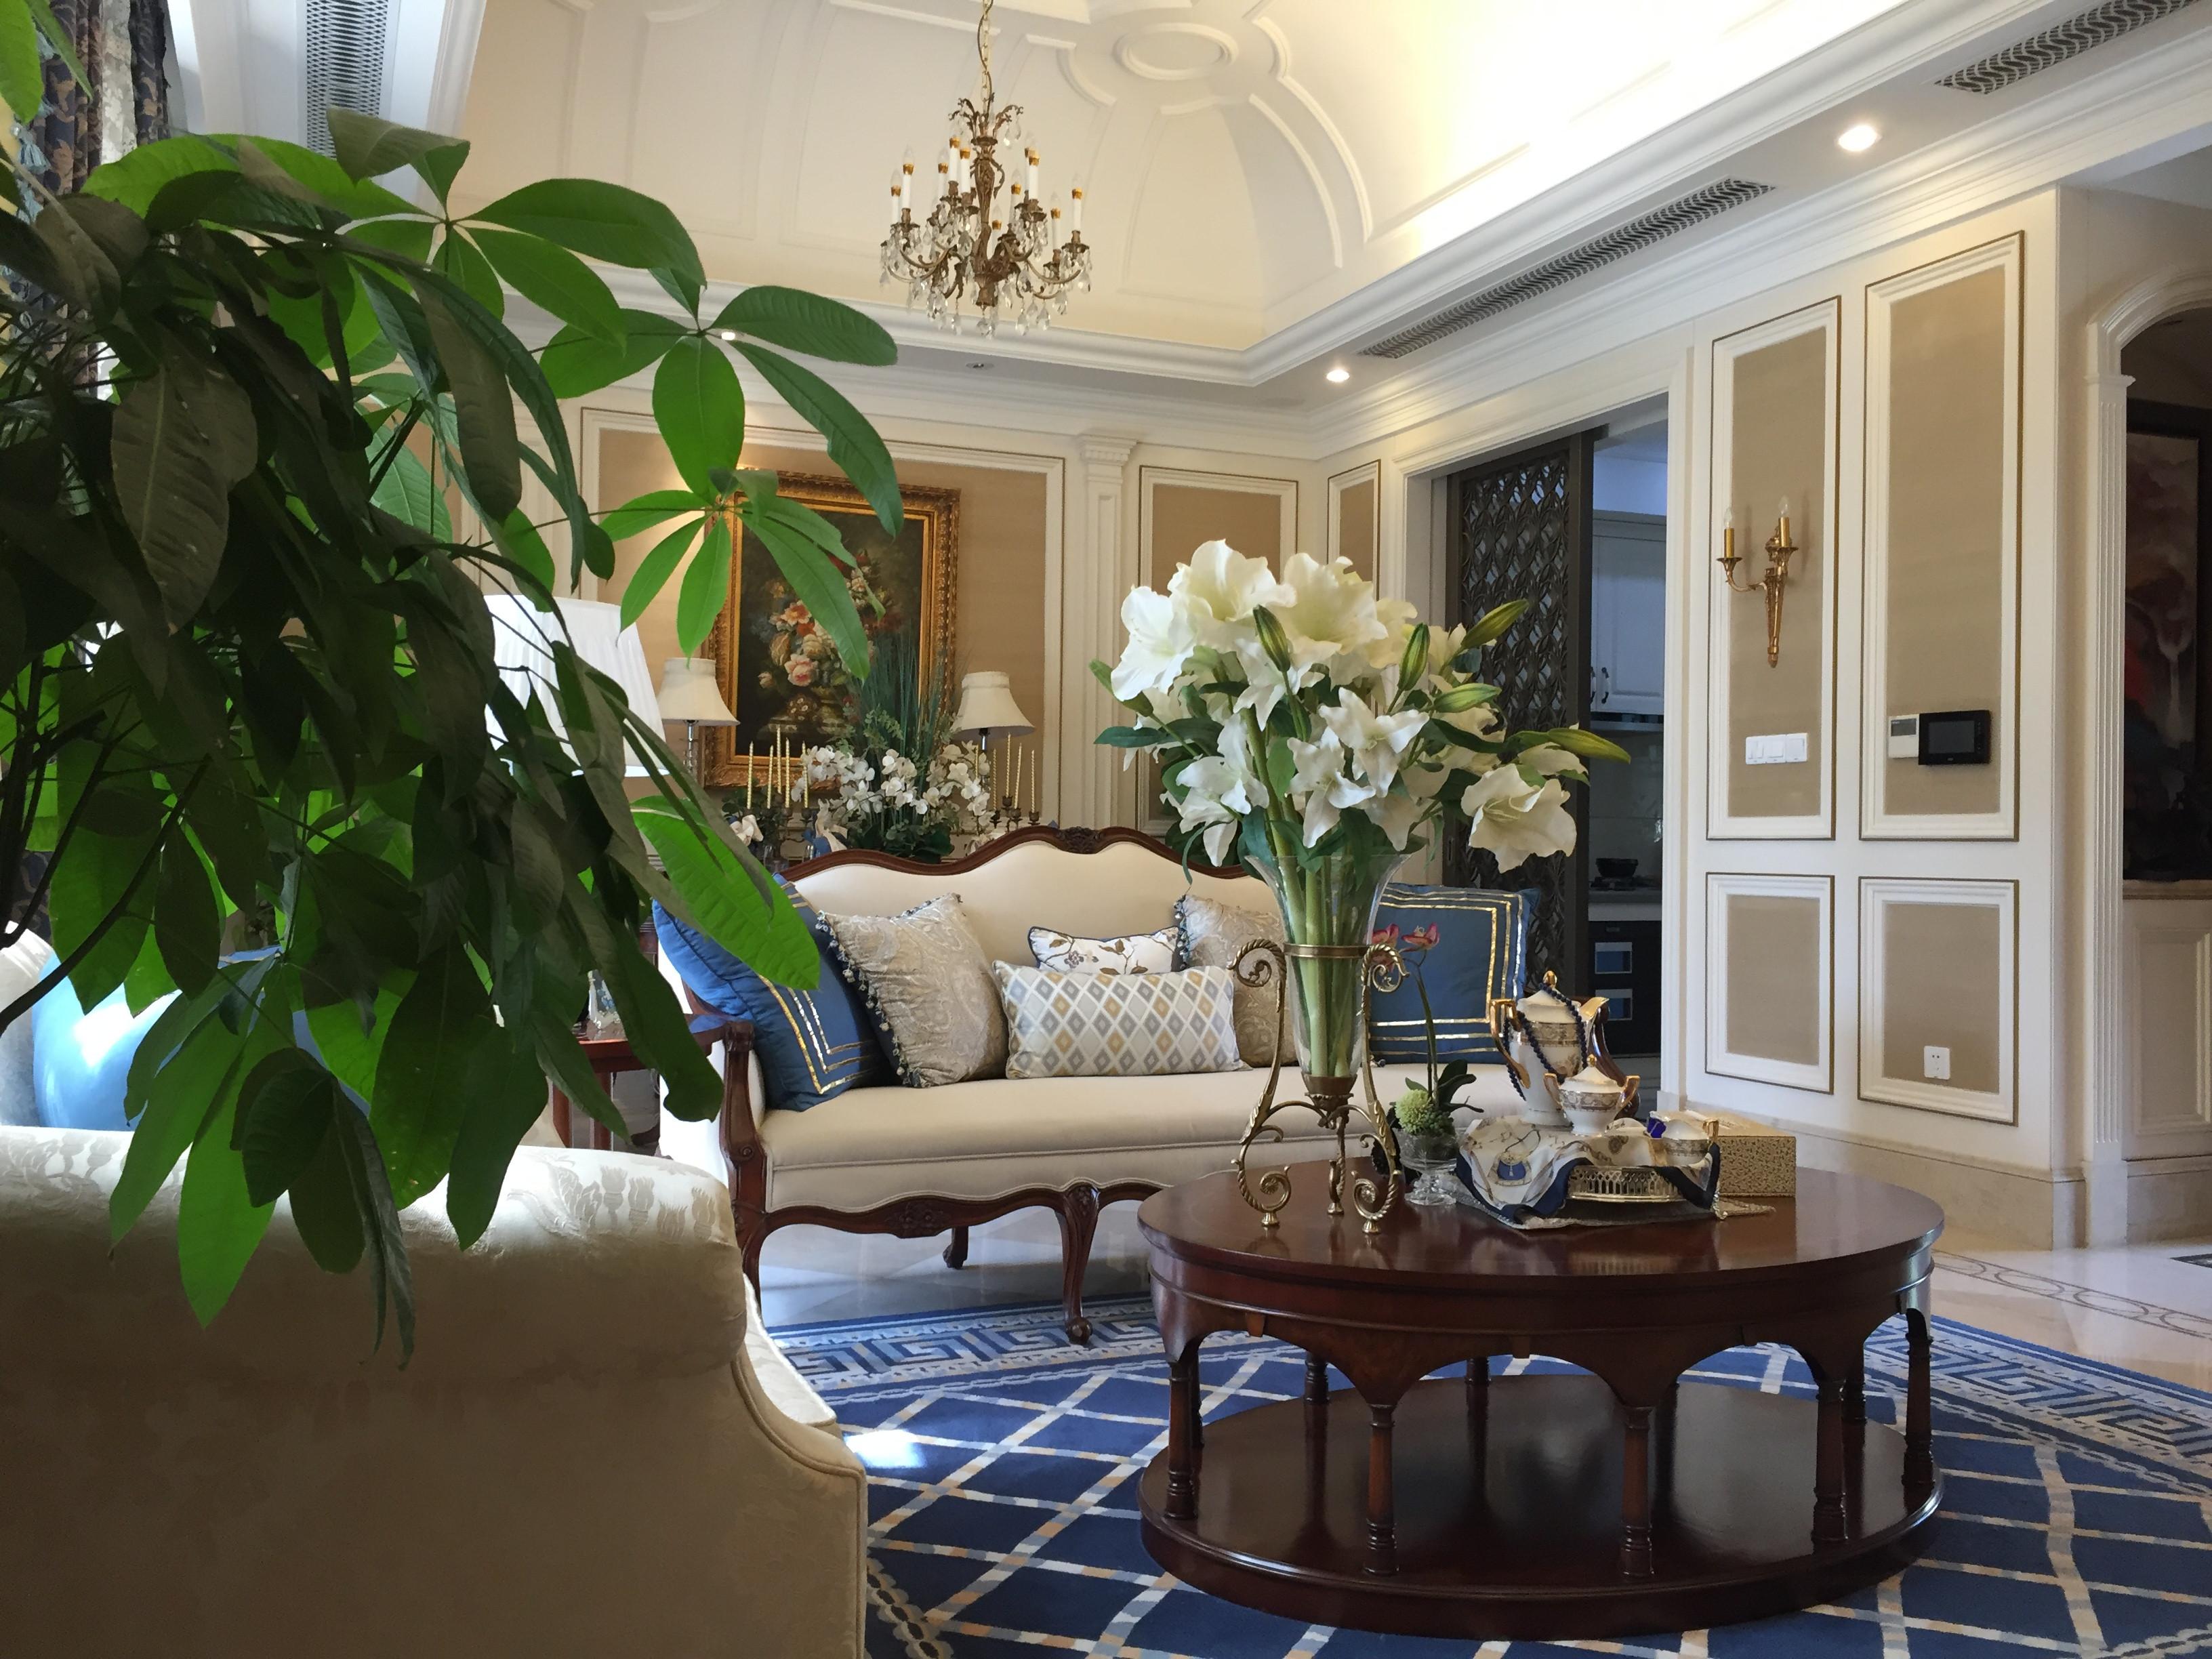 风情美式别墅设计茶几摆件